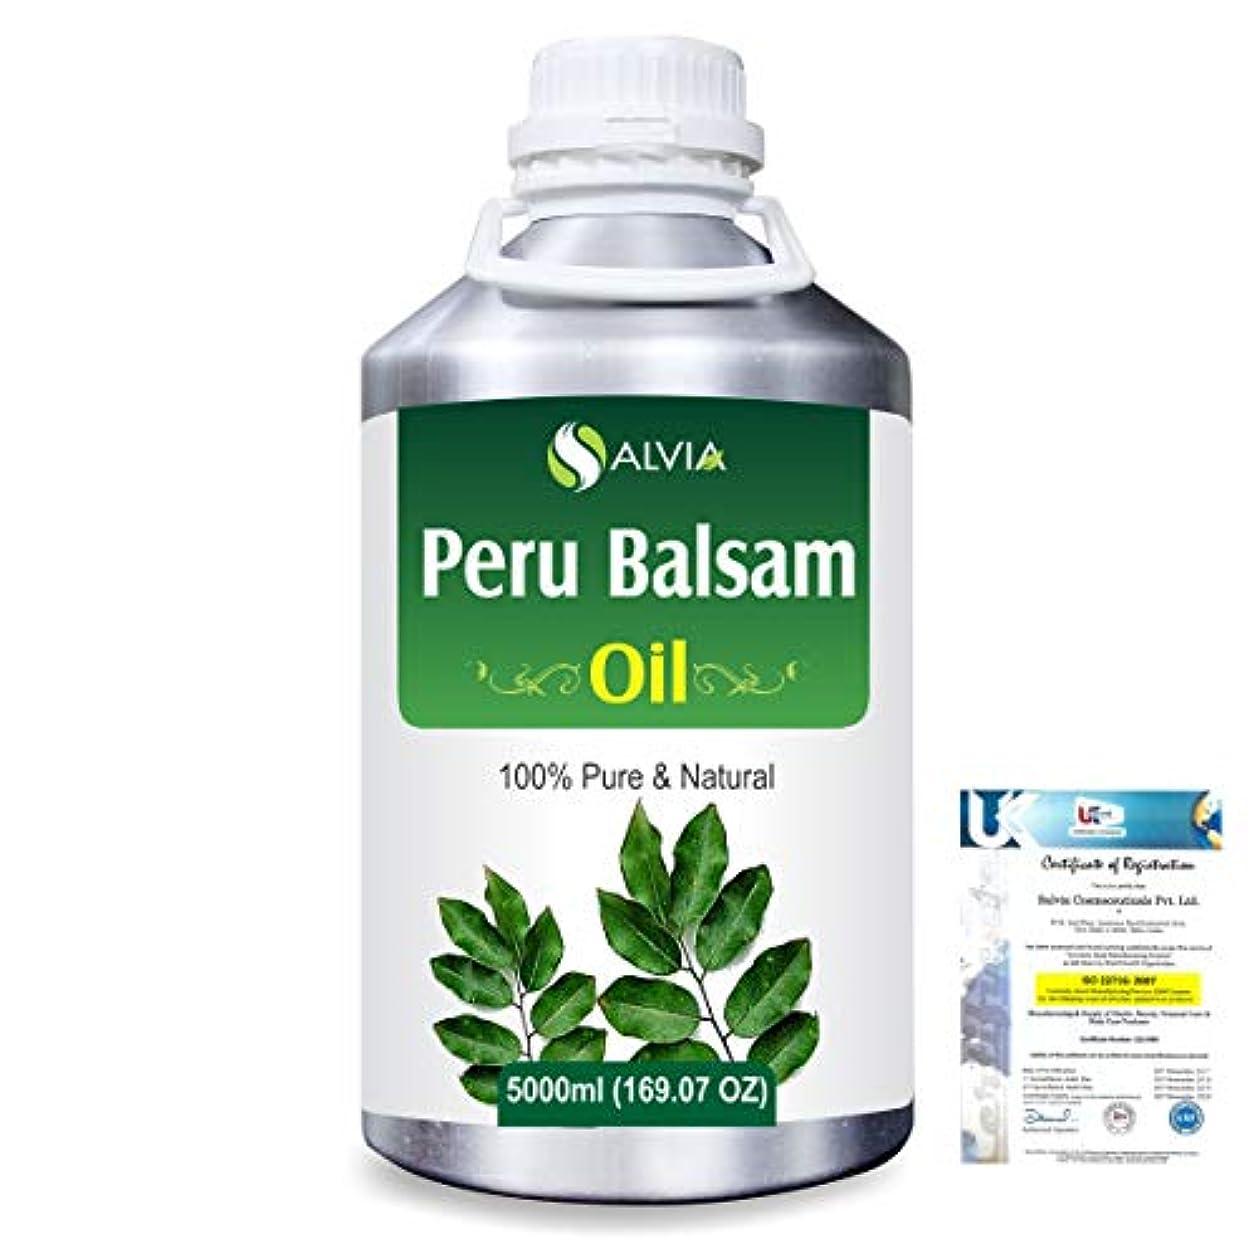 閉じる待つ大人Peru Balsam (Myroxylon Pereirae) 100% Natural Pure Essential Oil 5000ml/169fl.oz.